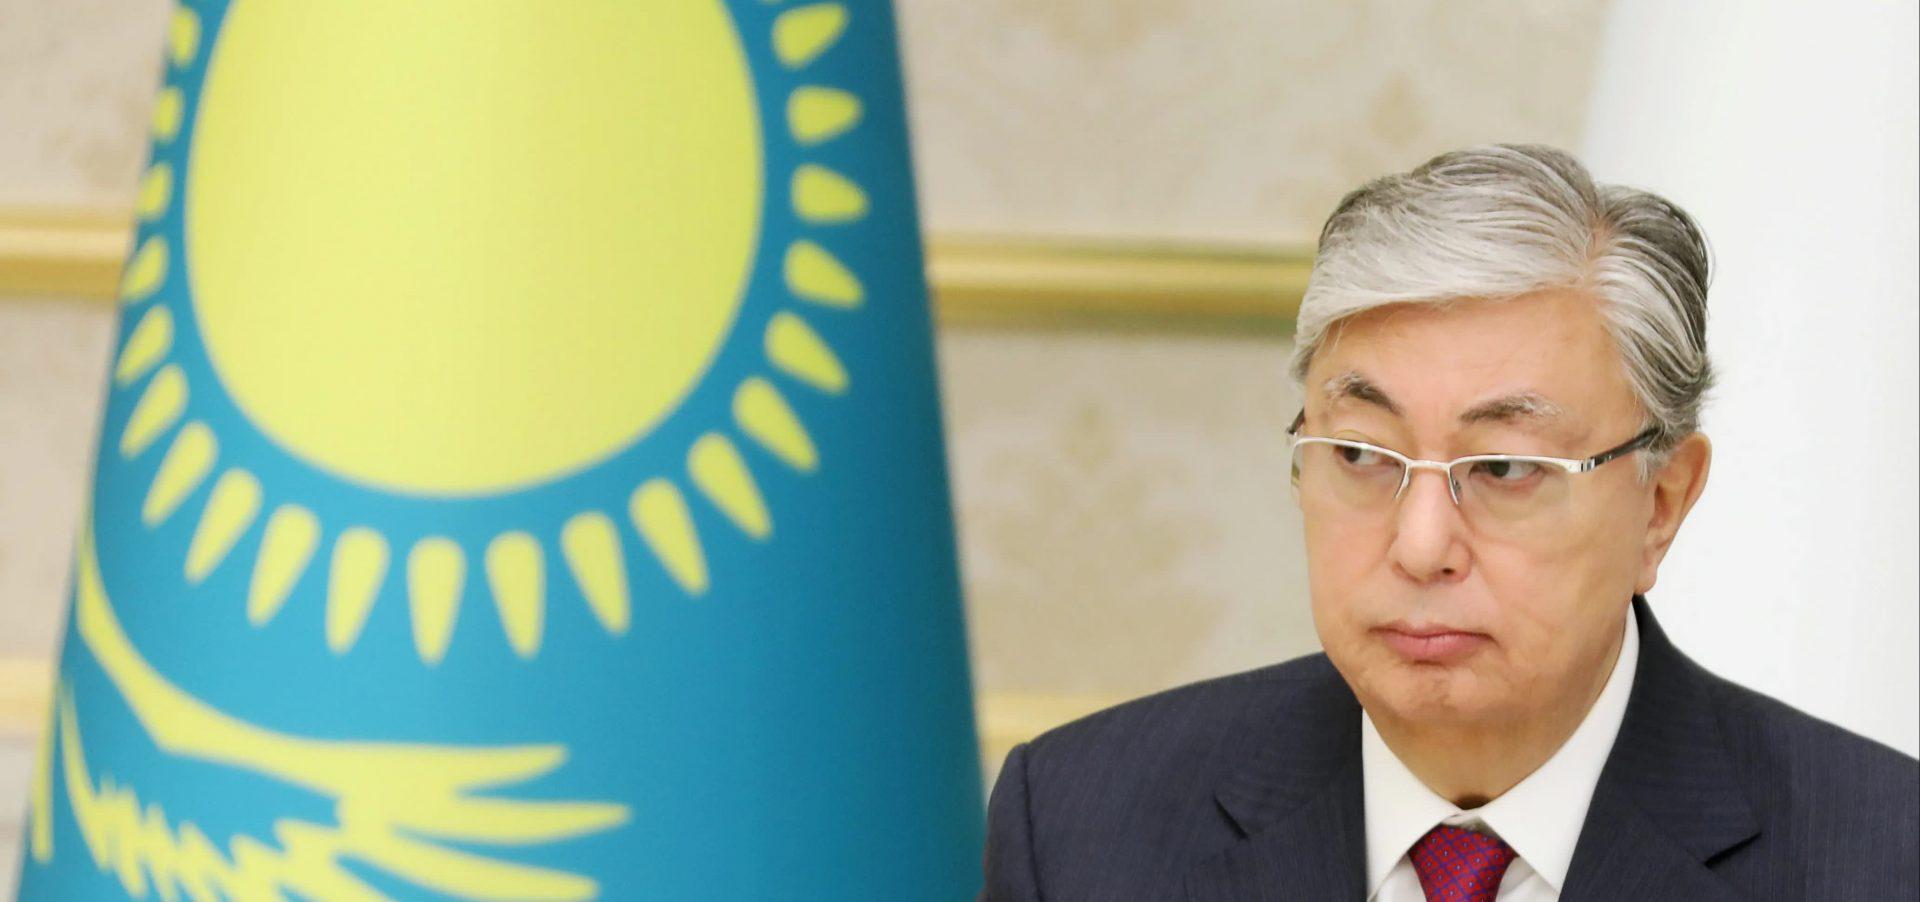 Le nouveau président kazakh Kassym-Jomart Tokaïev, élu le 9 juin 2019 avec plus de 70% des voix. (Source : Asia Nikkei)